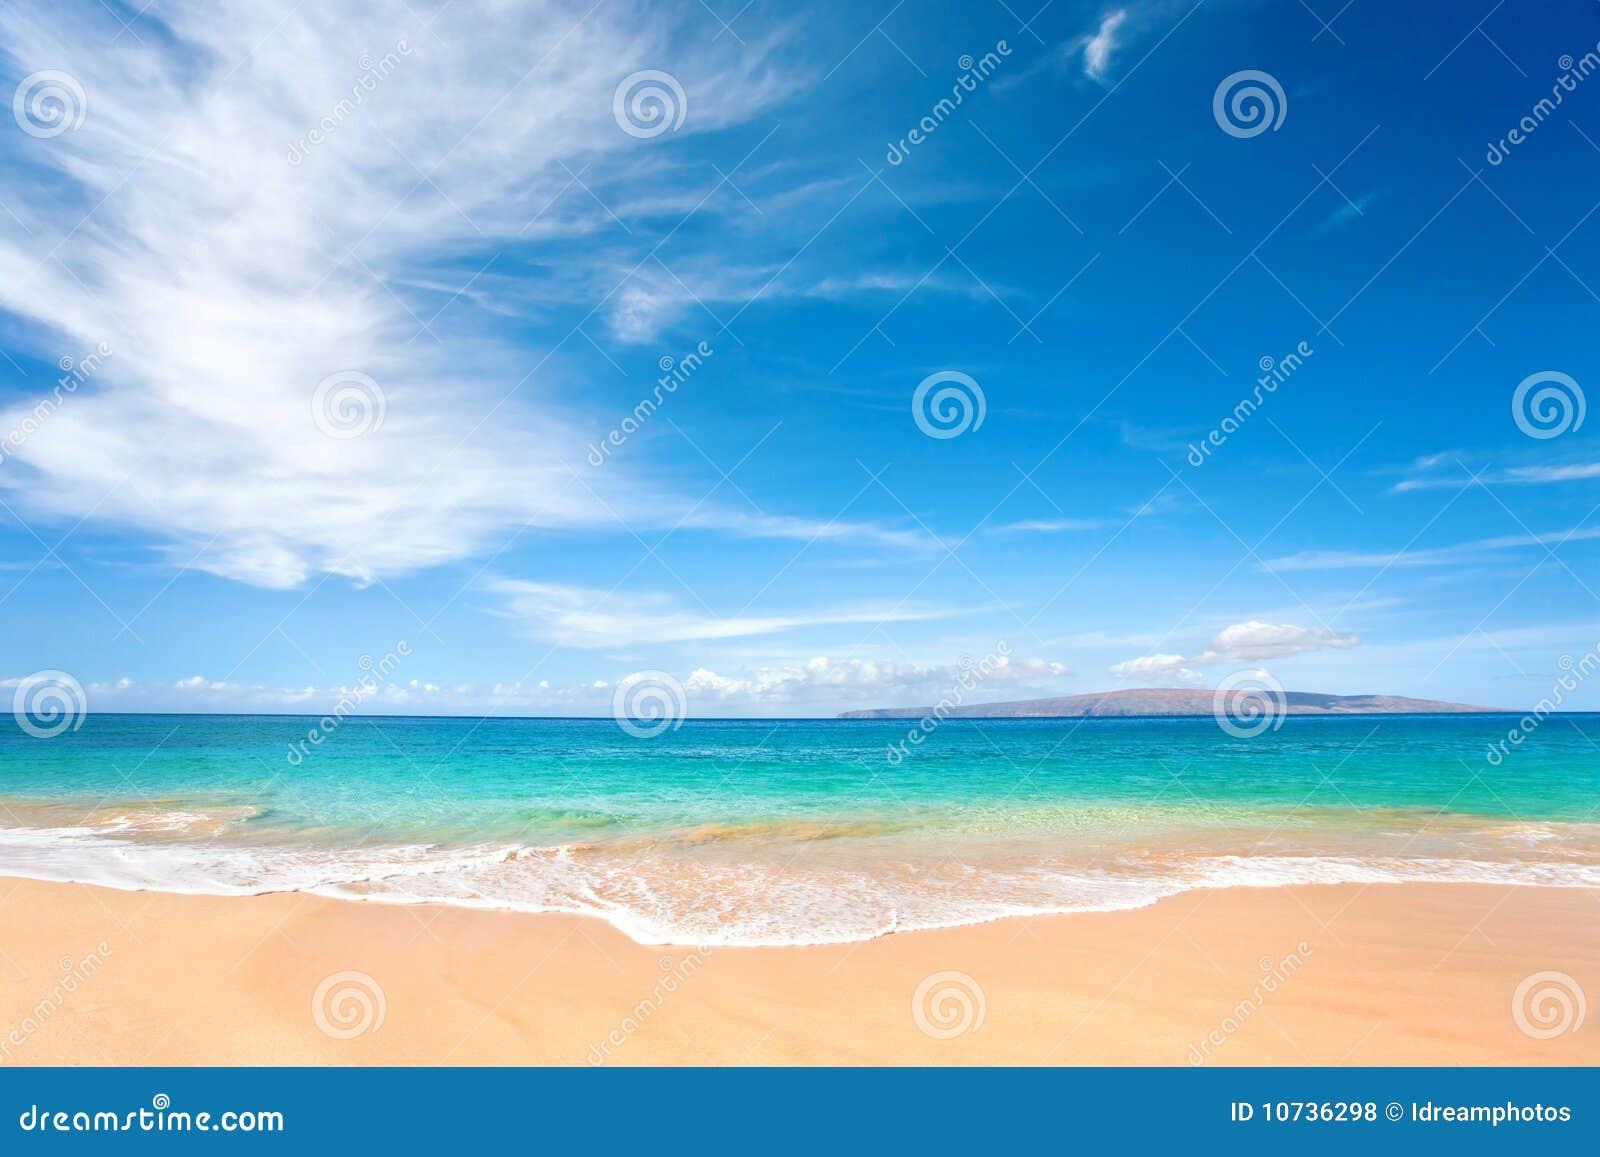 Träumerischer Strand